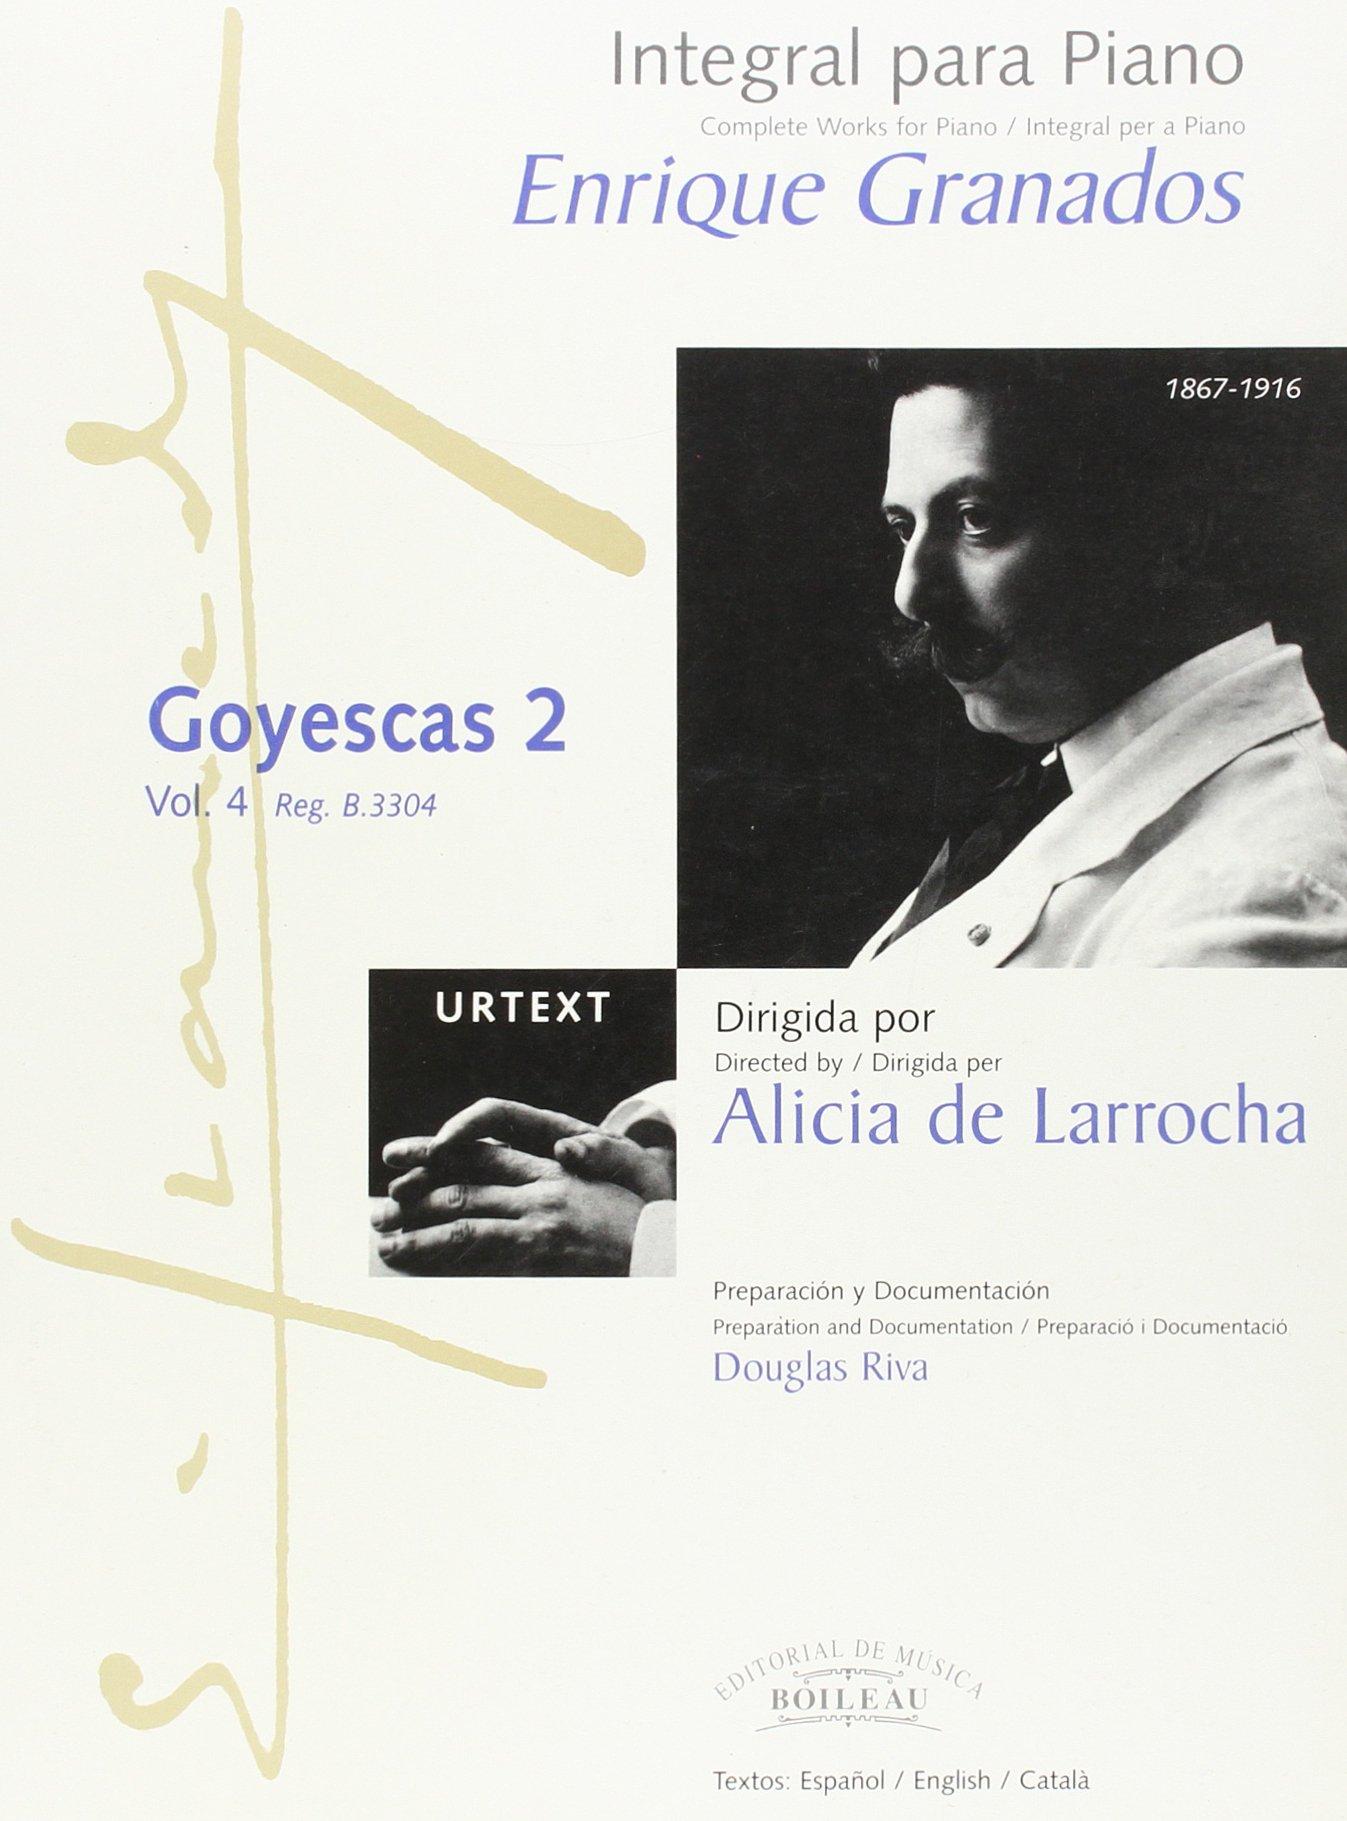 Integral para piano Enrique Granados: Goyescas 2 - B.3304: Amazon.es: Enric GRANADOS: Libros